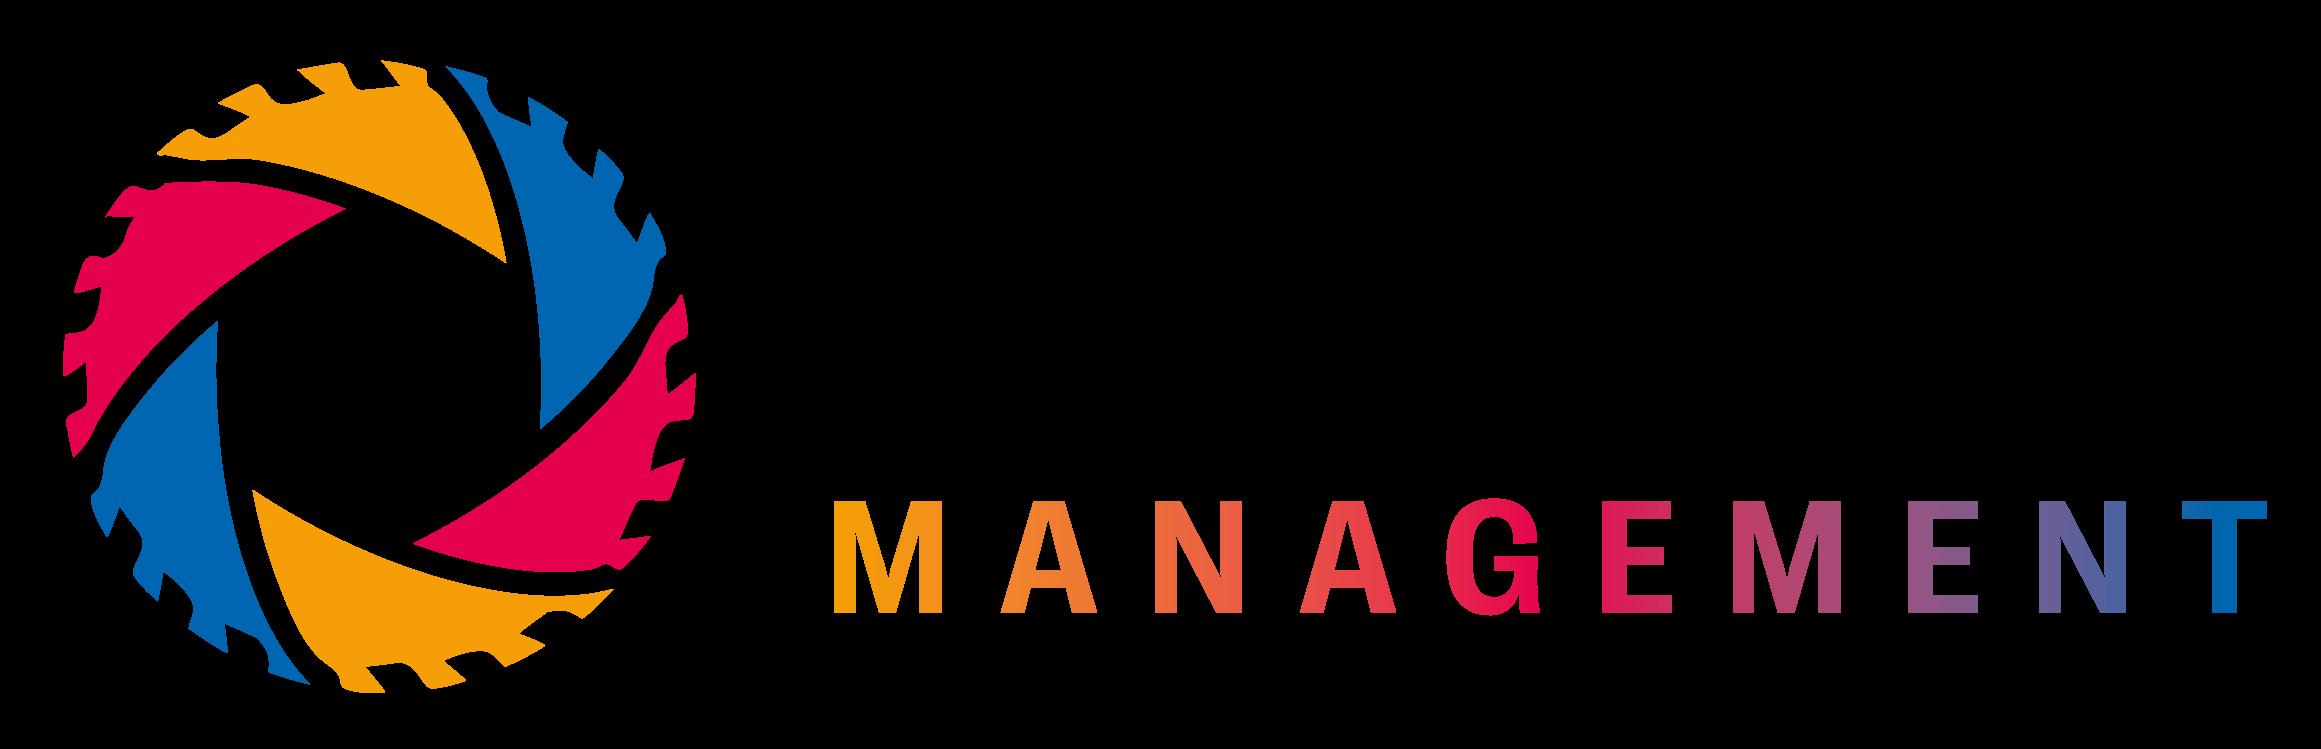 Doeke Management